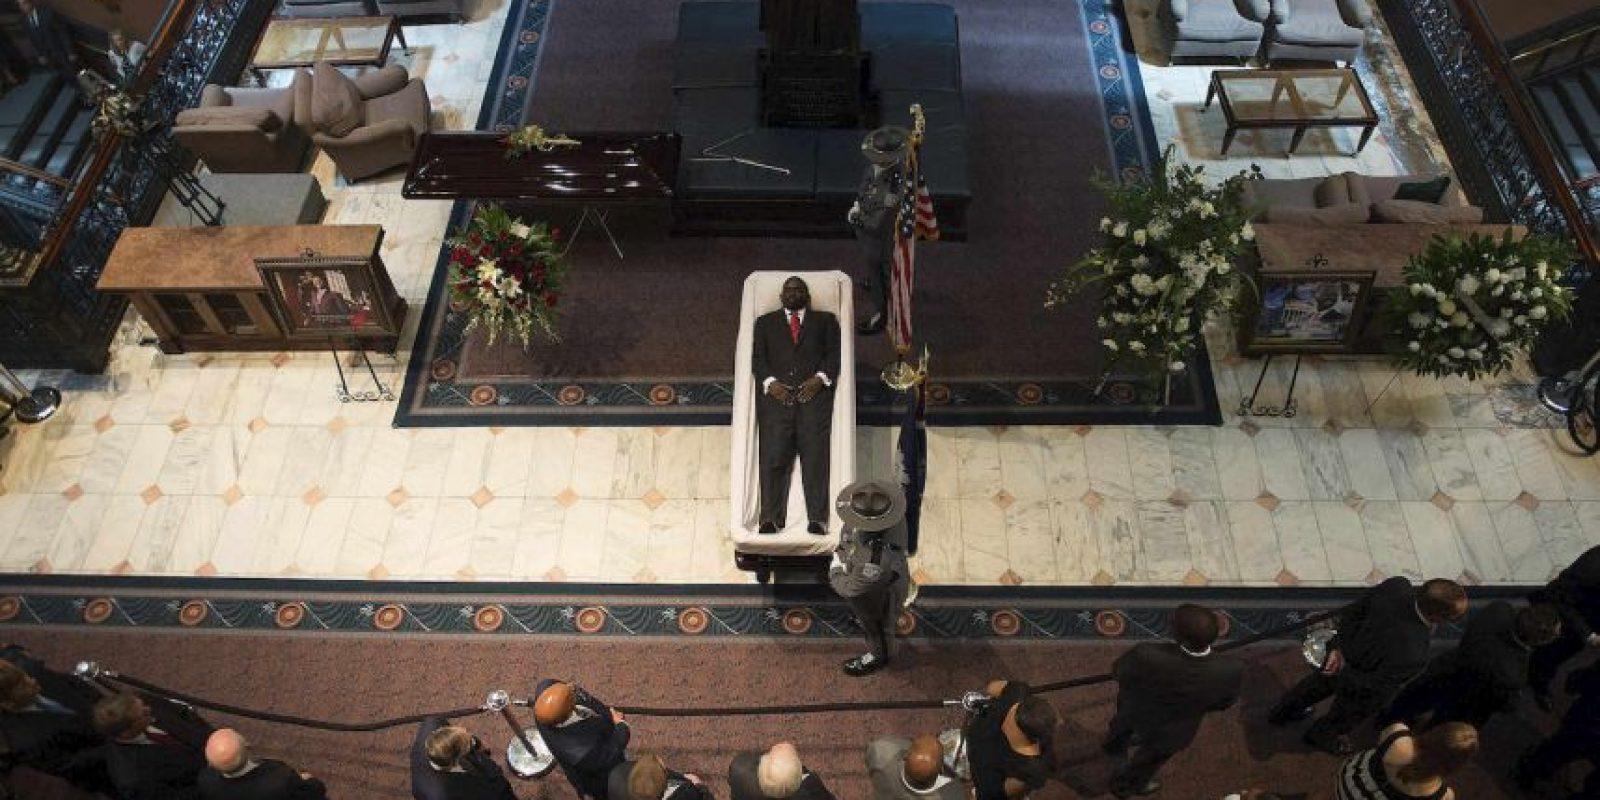 Velorio del reverendo Clementa Pinckney, quien murió tras la balacera en su iglesia en Charleston, Carolina del Sur. Foto:AFP